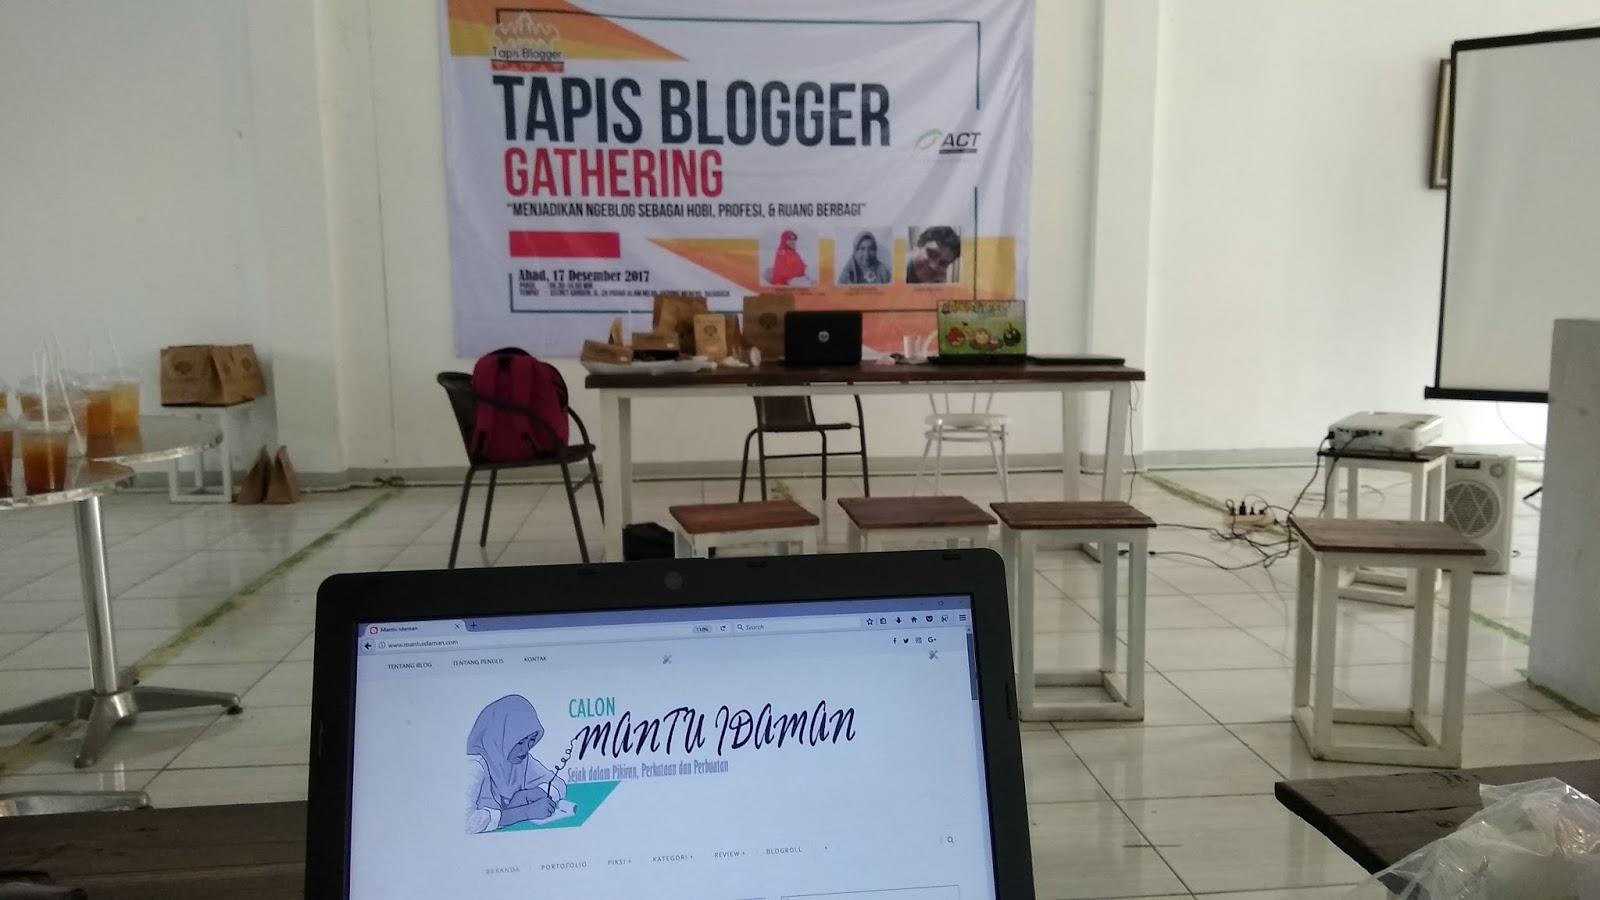 tapis blogger gathering